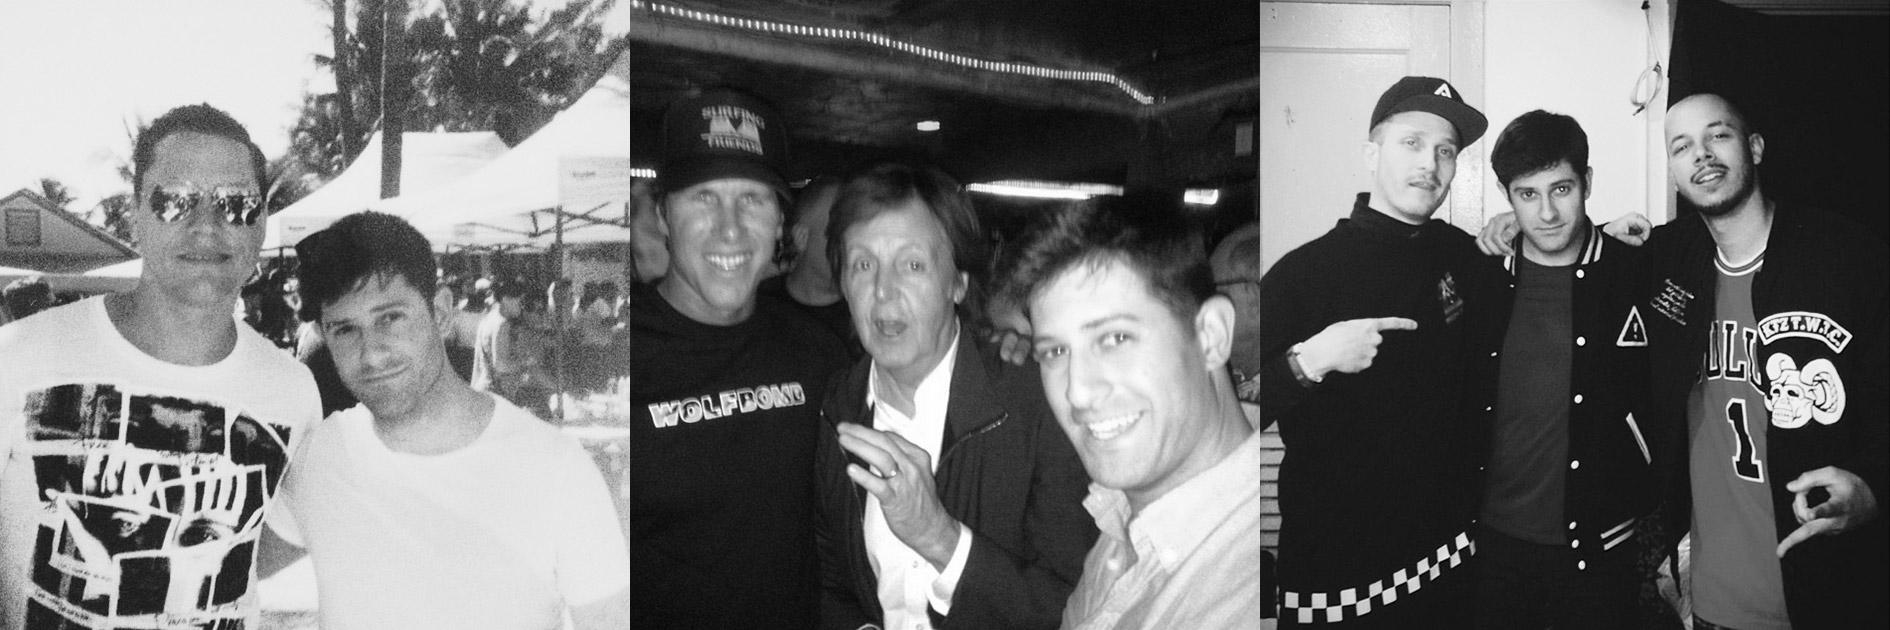 Tiesto, Paul McCartney, and Flosstradamus